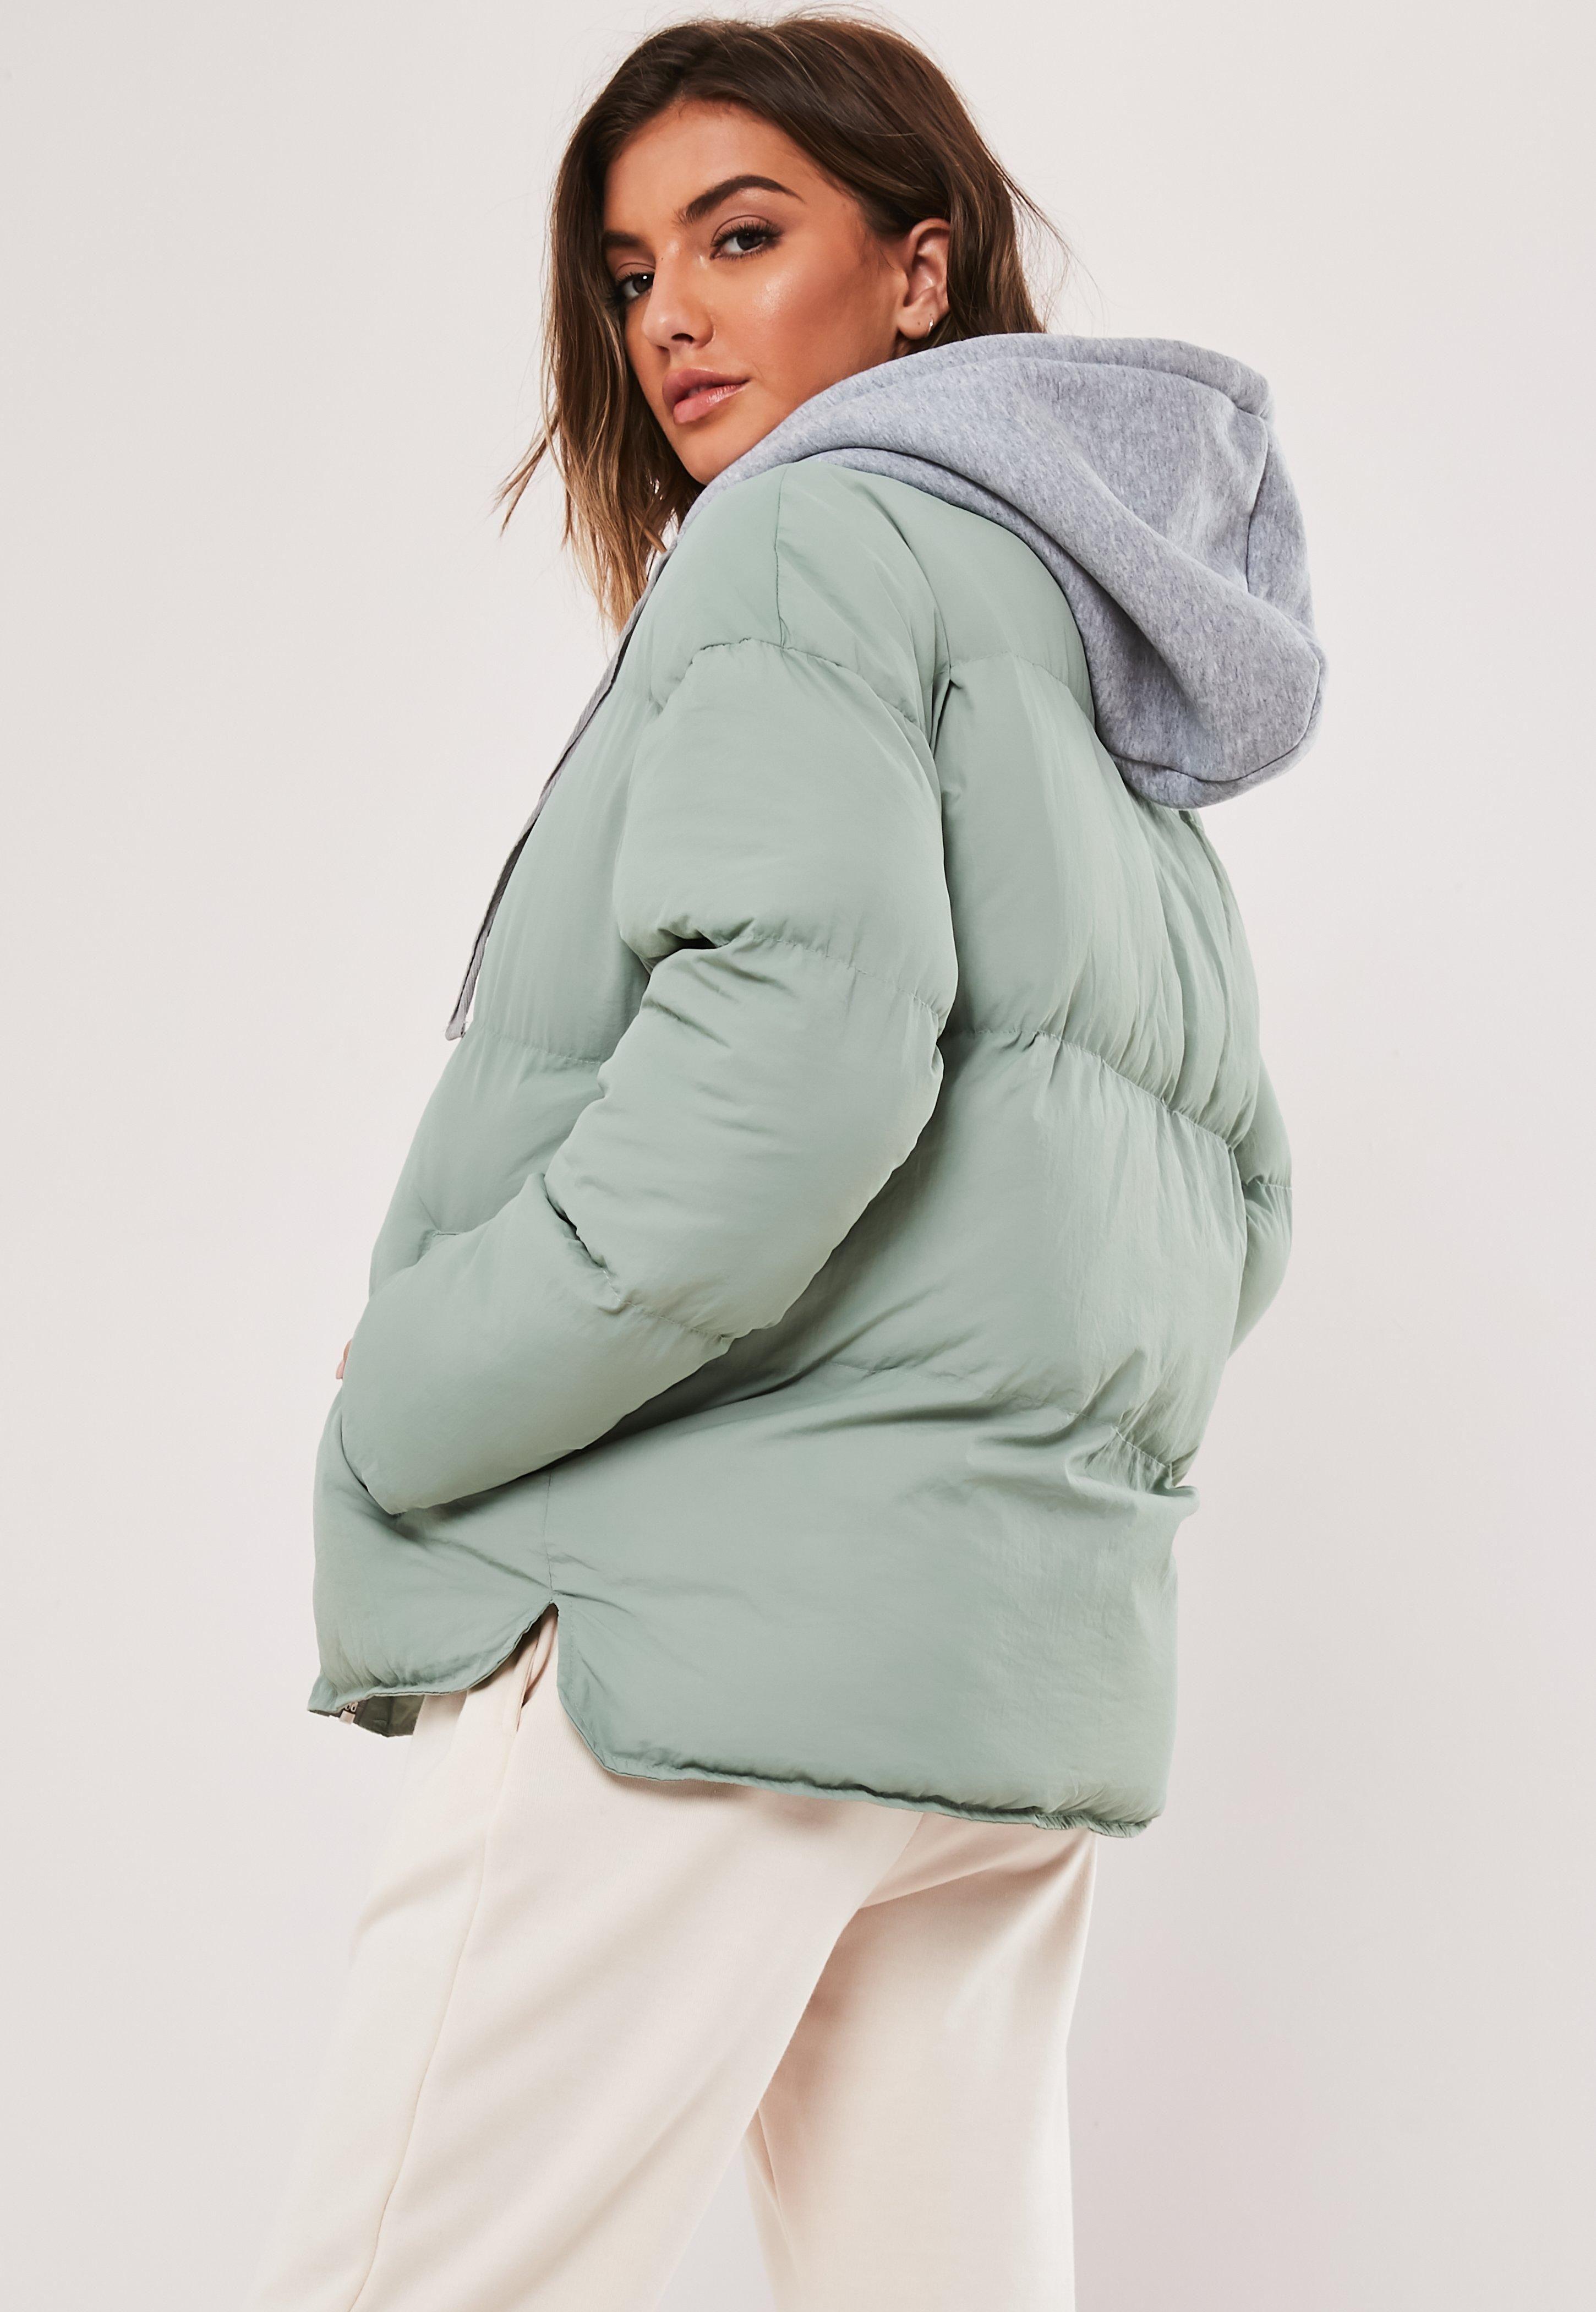 Mint Jersey Oversized Puffer Jacket Sponsored Jersey Affiliate Mint Oversized Jackets Women S Coats Jackets Jackets Online [ 4200 x 2900 Pixel ]